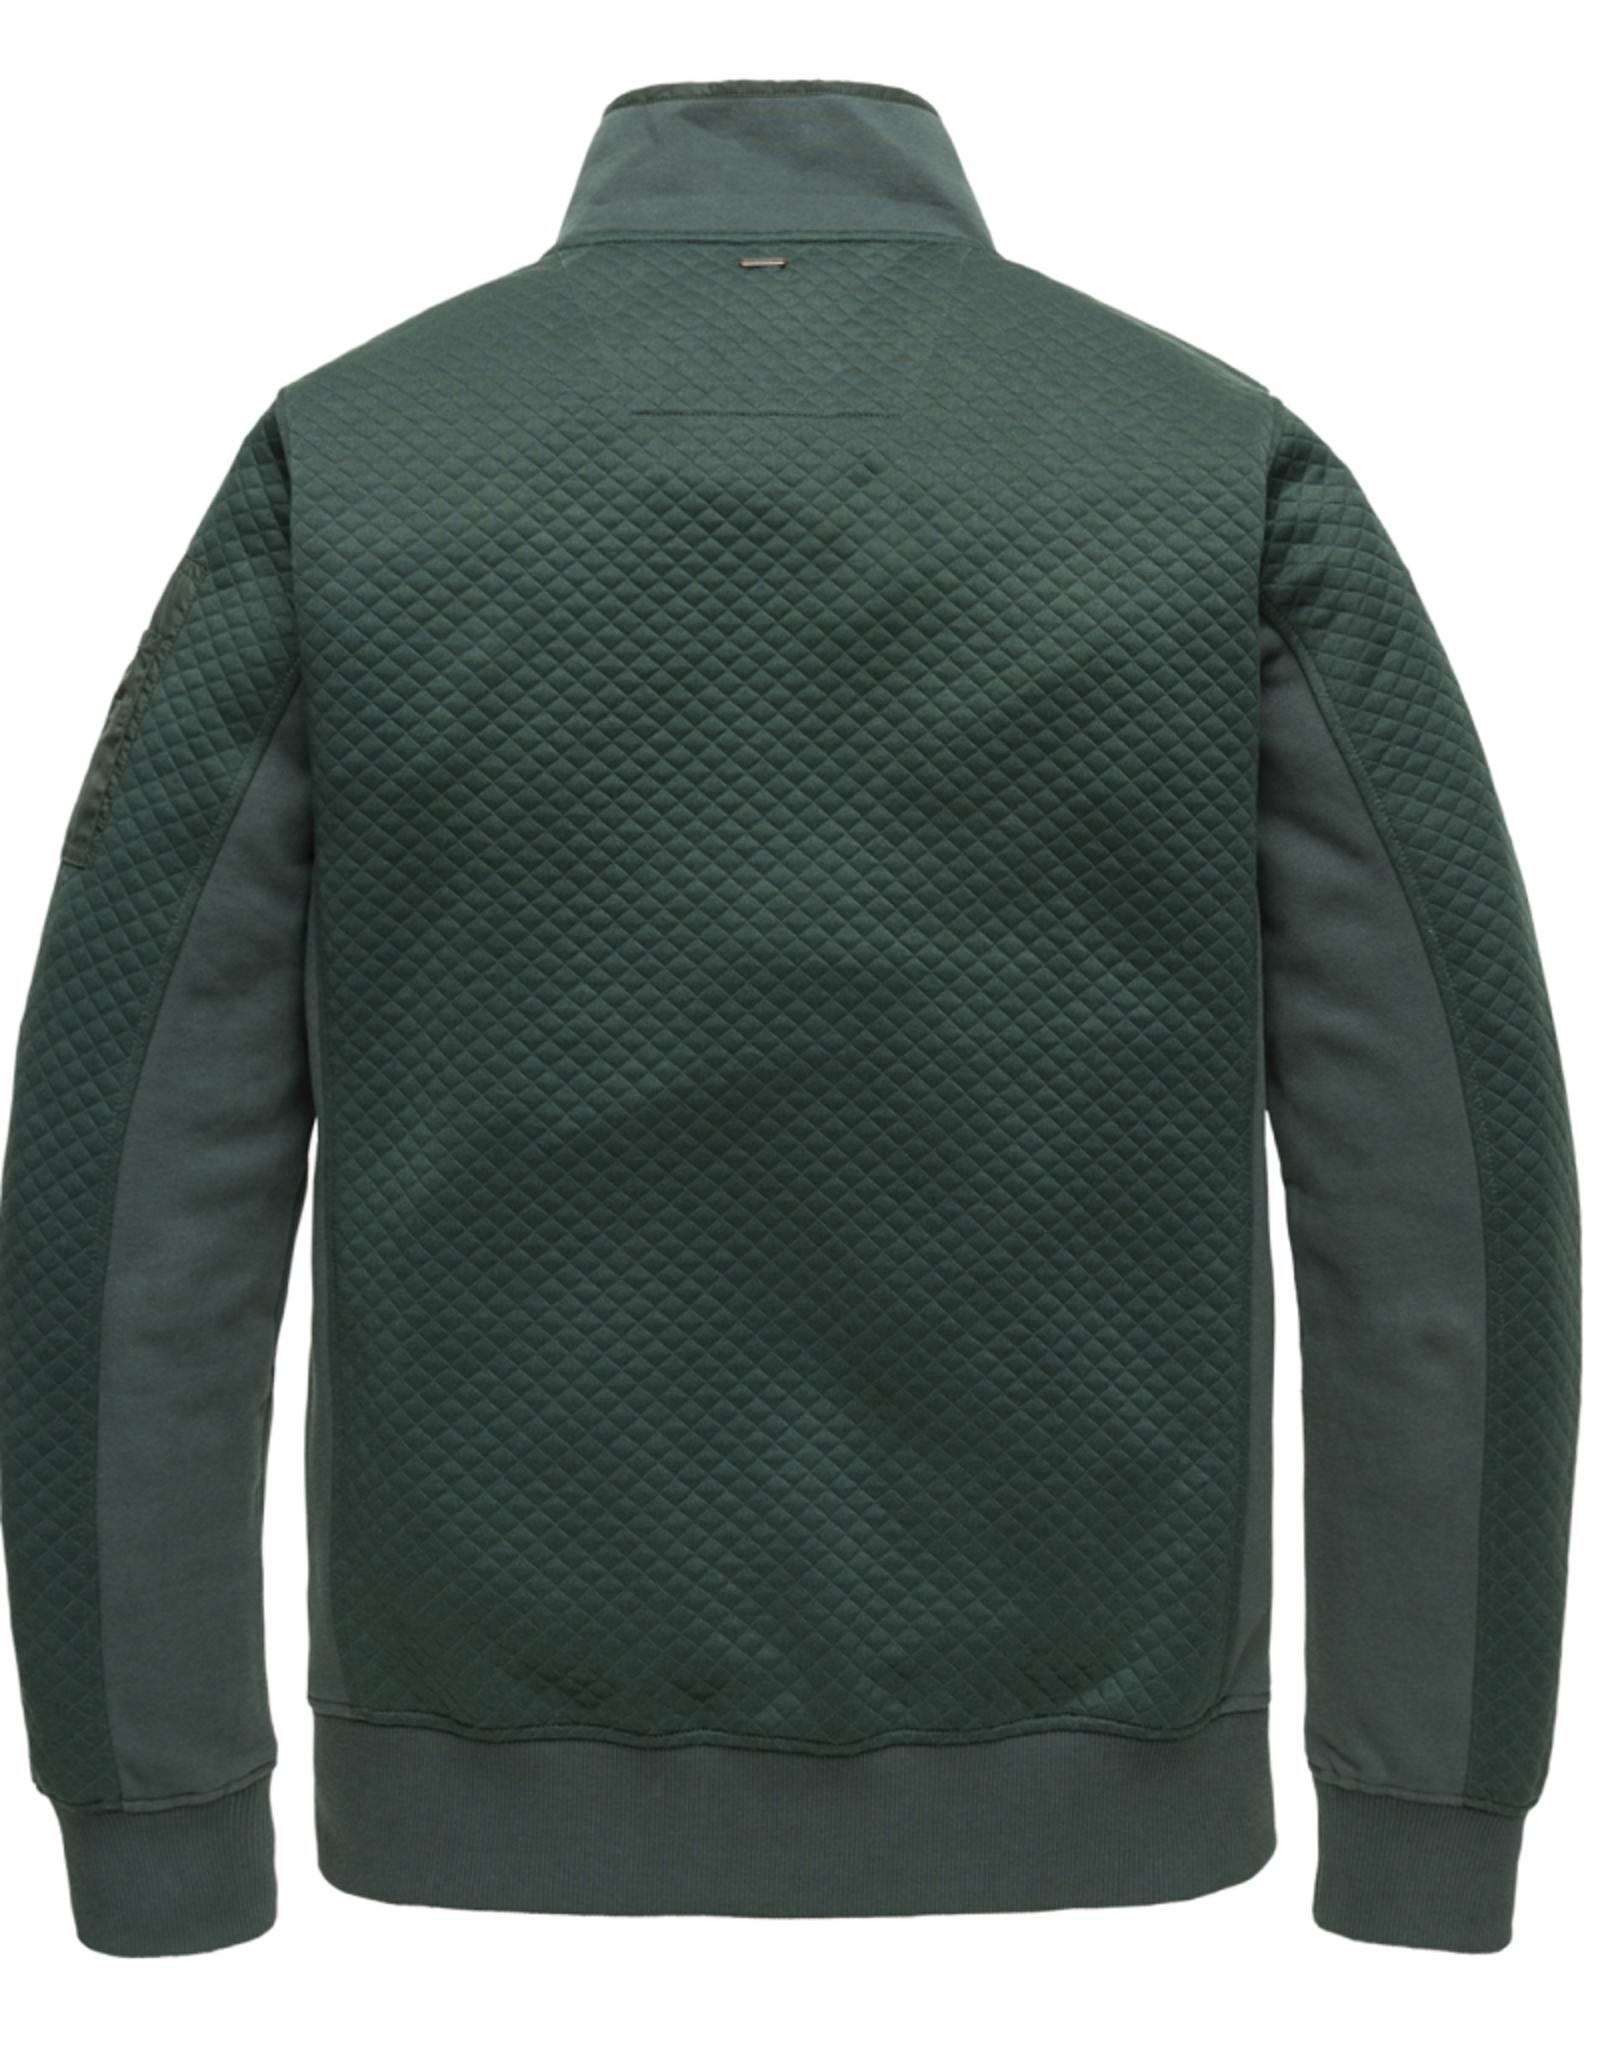 PME Legend PME Legend vest Taxes green